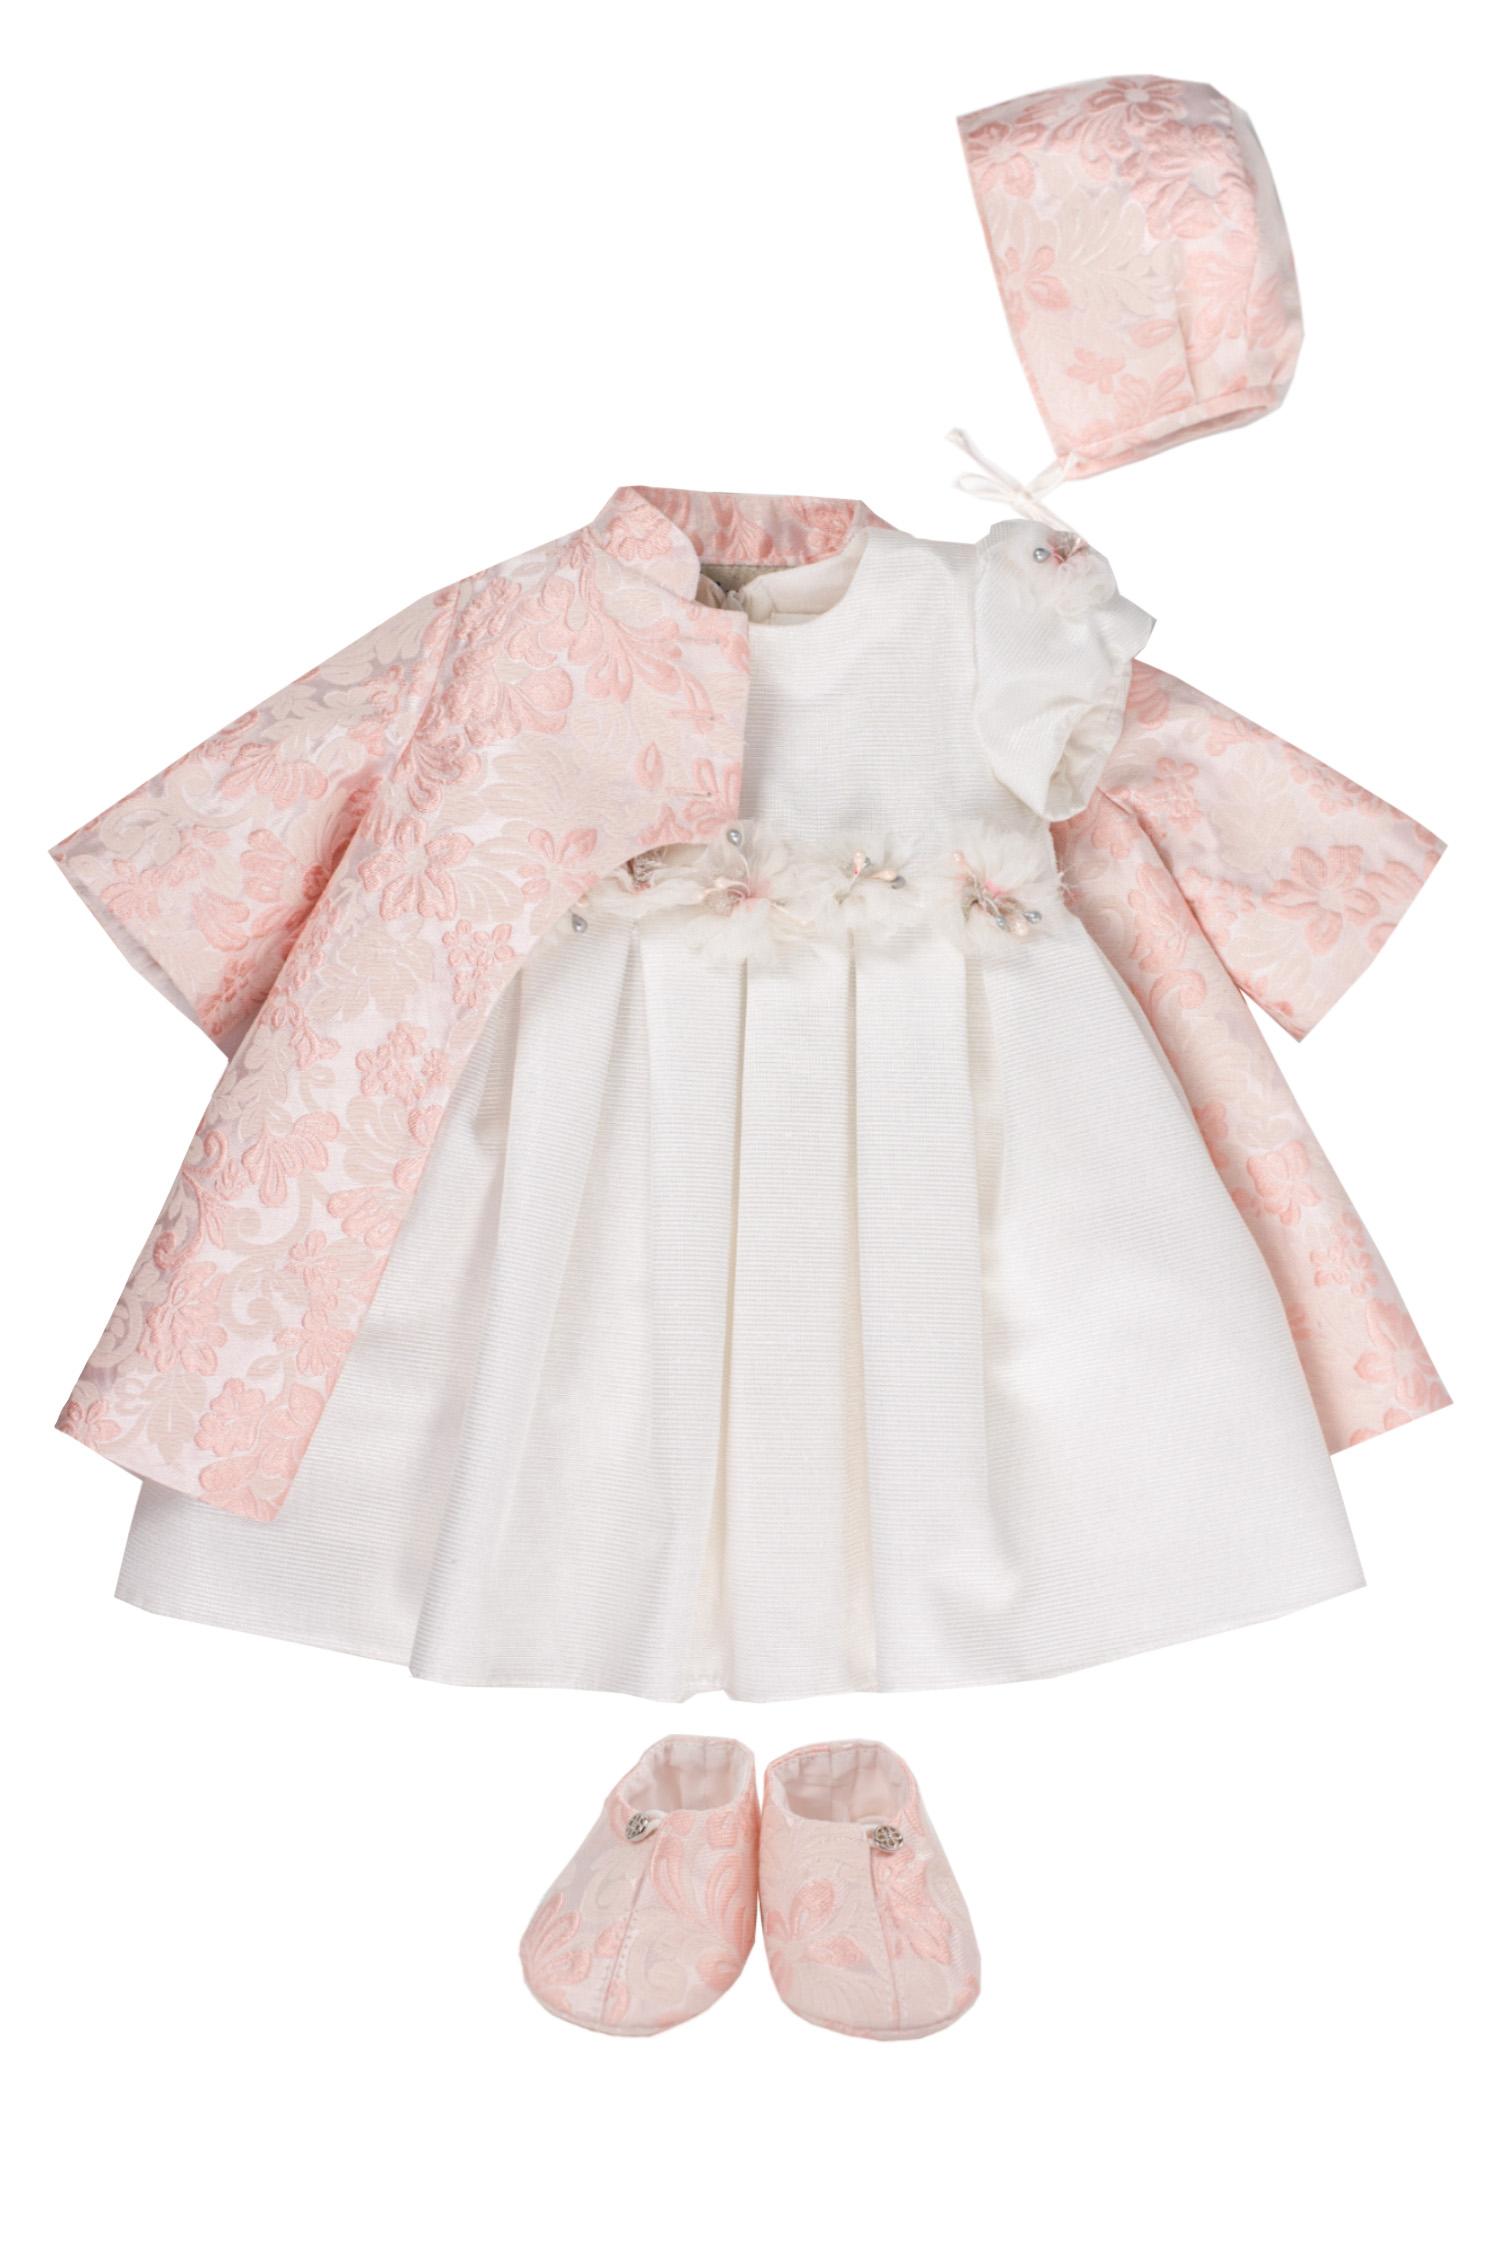 Pardesiu și rochie de botez pentru fetițe Alice